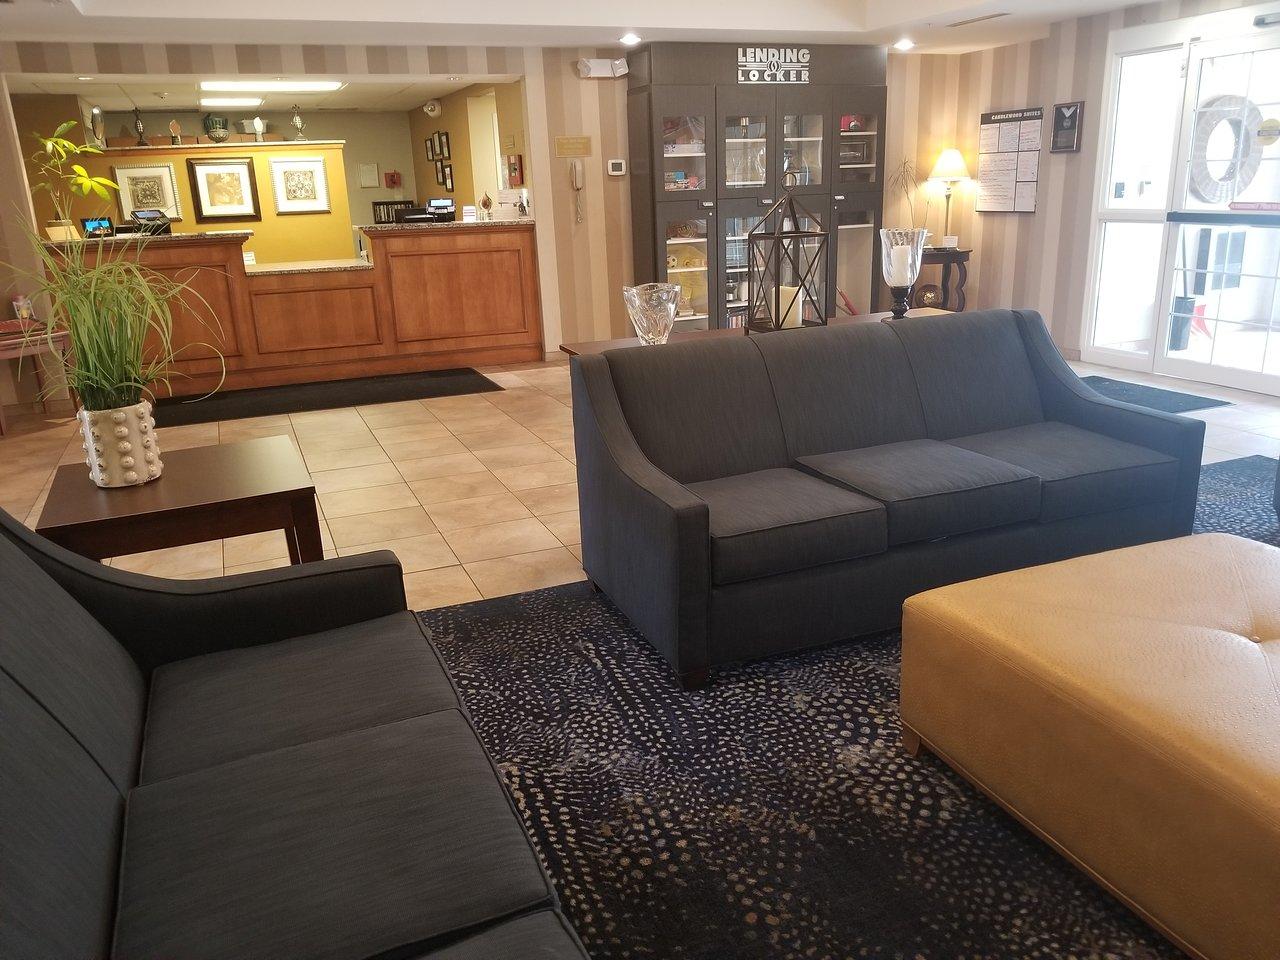 candlewood suites hotel buffalo amherst 93 1 0 2 updated rh tripadvisor com